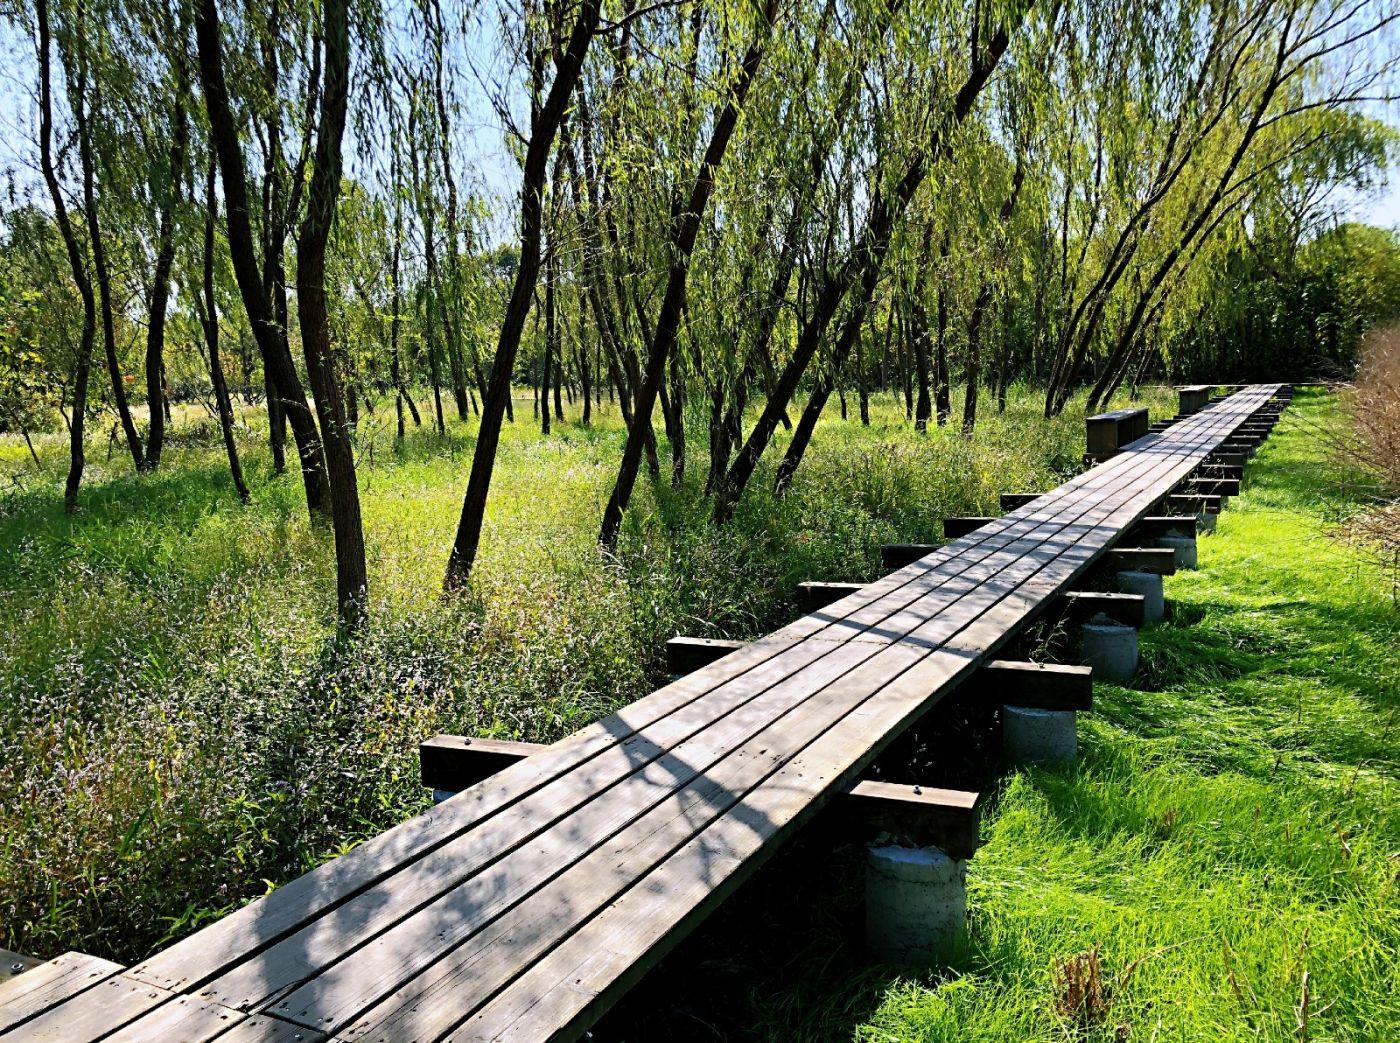 【田螺随拍】西溪湿地、非诚勿扰场景-手机版_图1-12